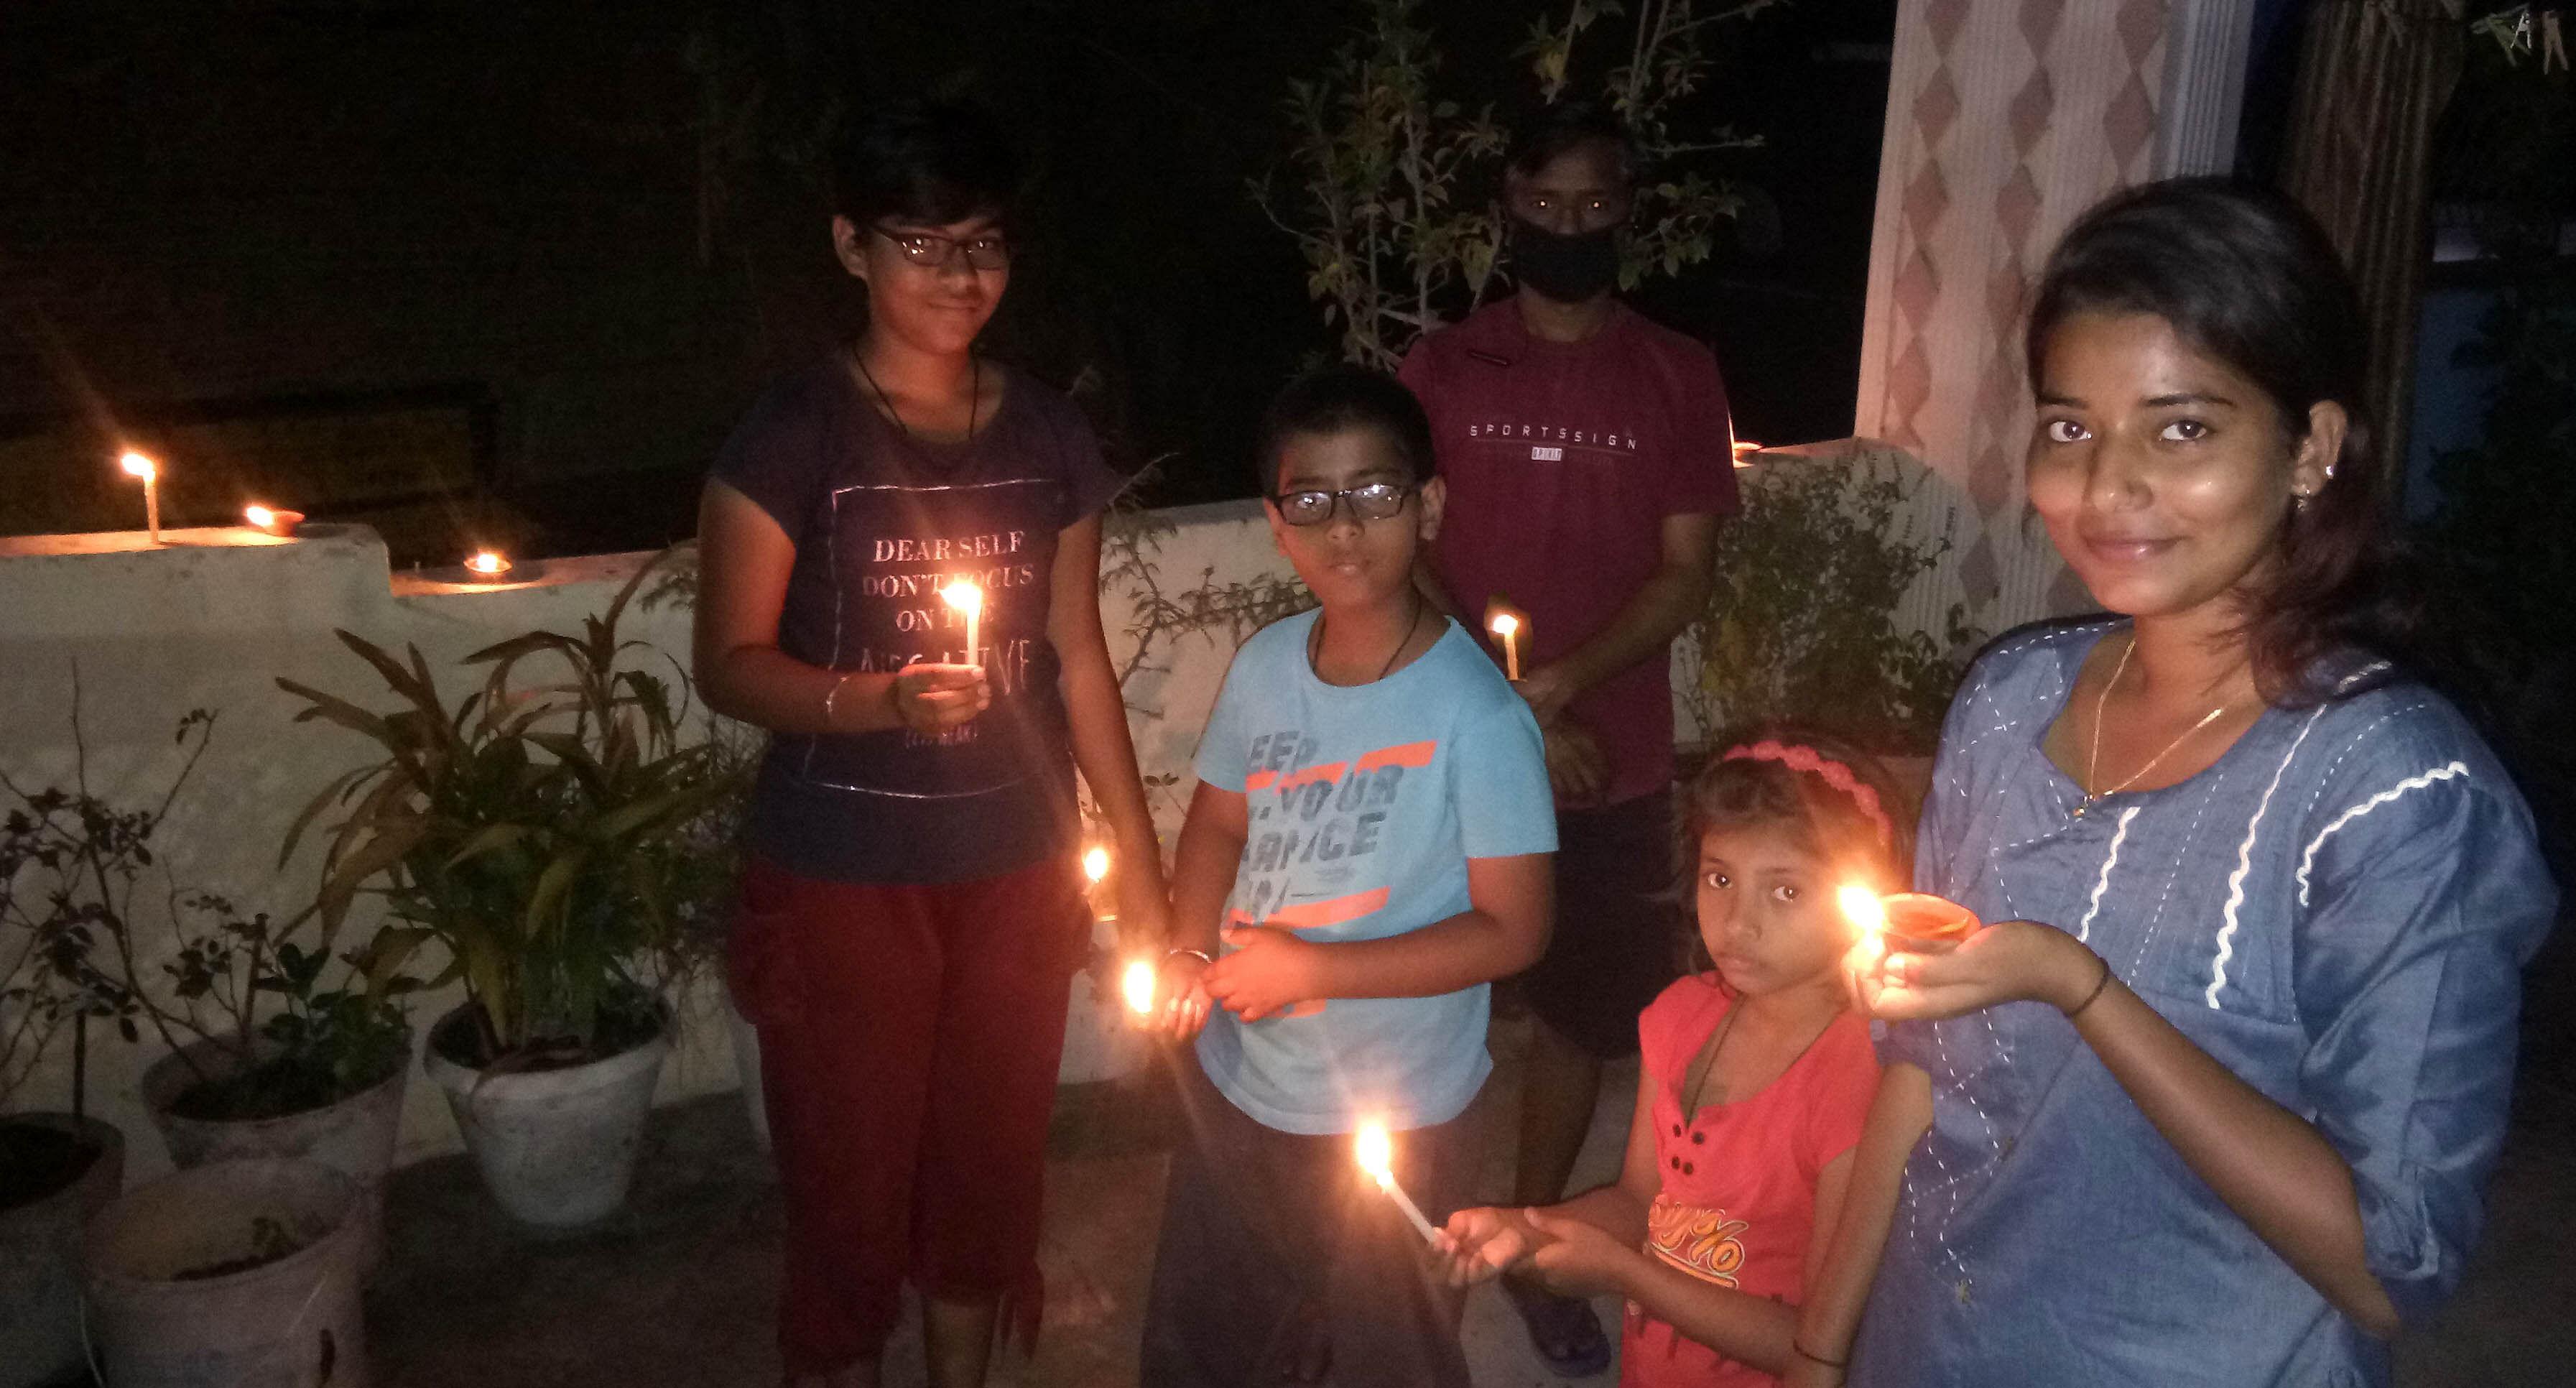 शहर में दीपक और मोमबत्ती जलाकर एकता प्रदर्शित करते लोग।